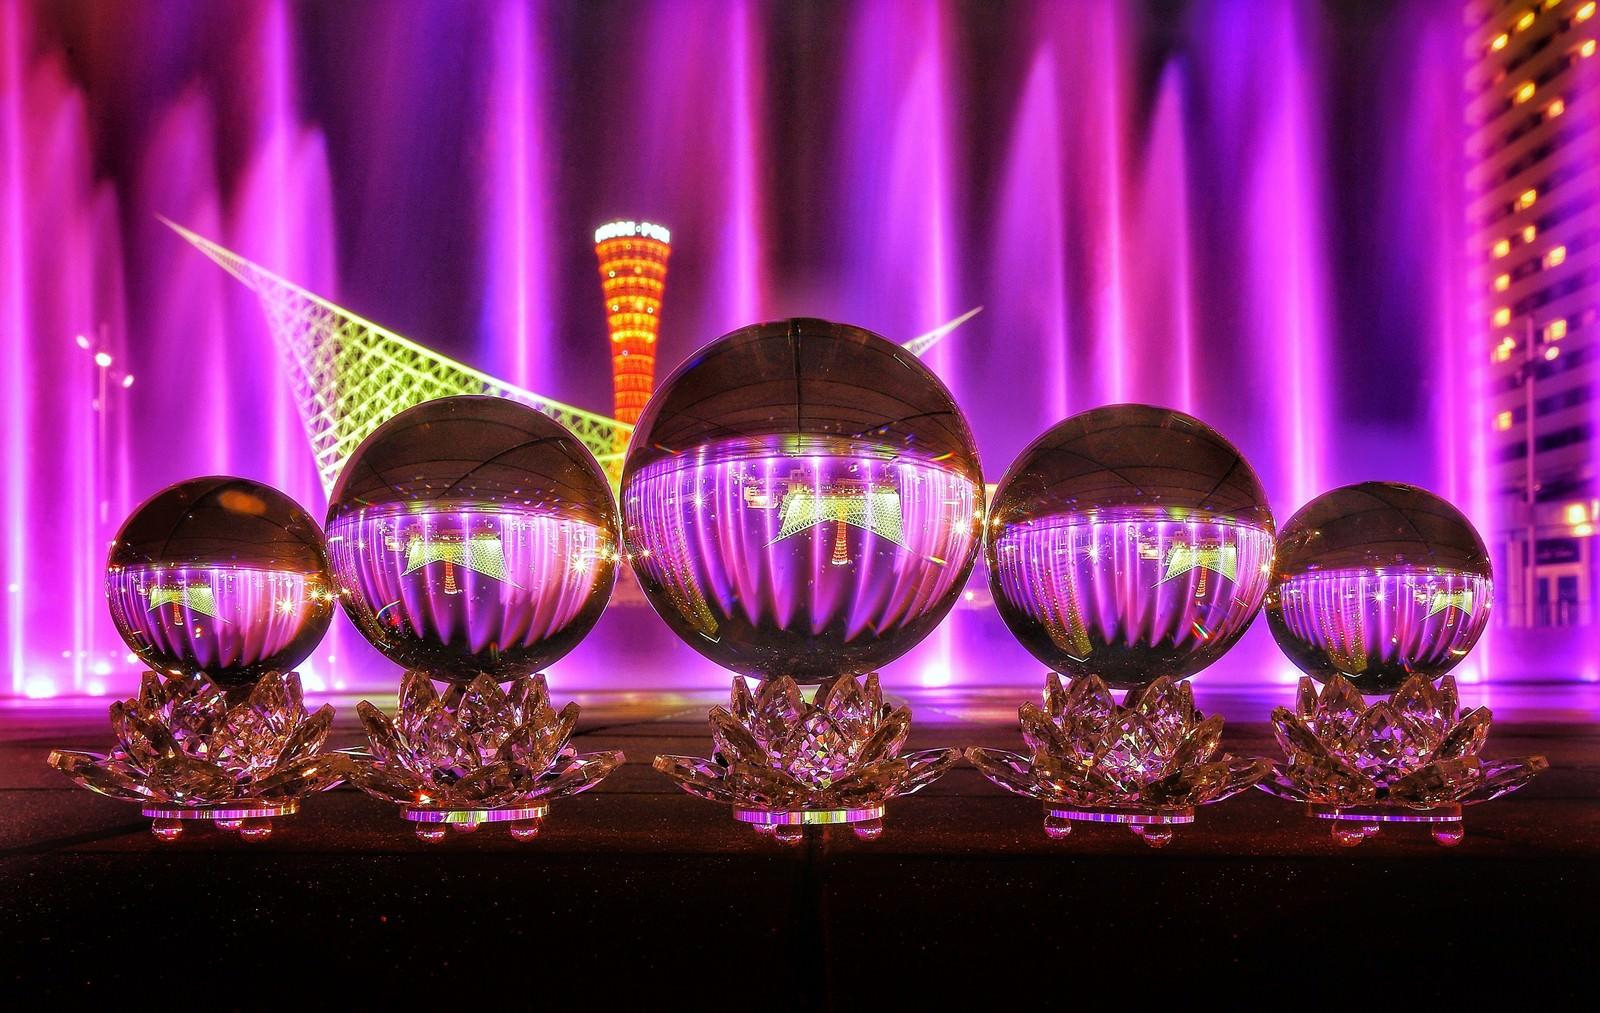 「ライトアップされた噴水を映し込む水晶玉」の写真